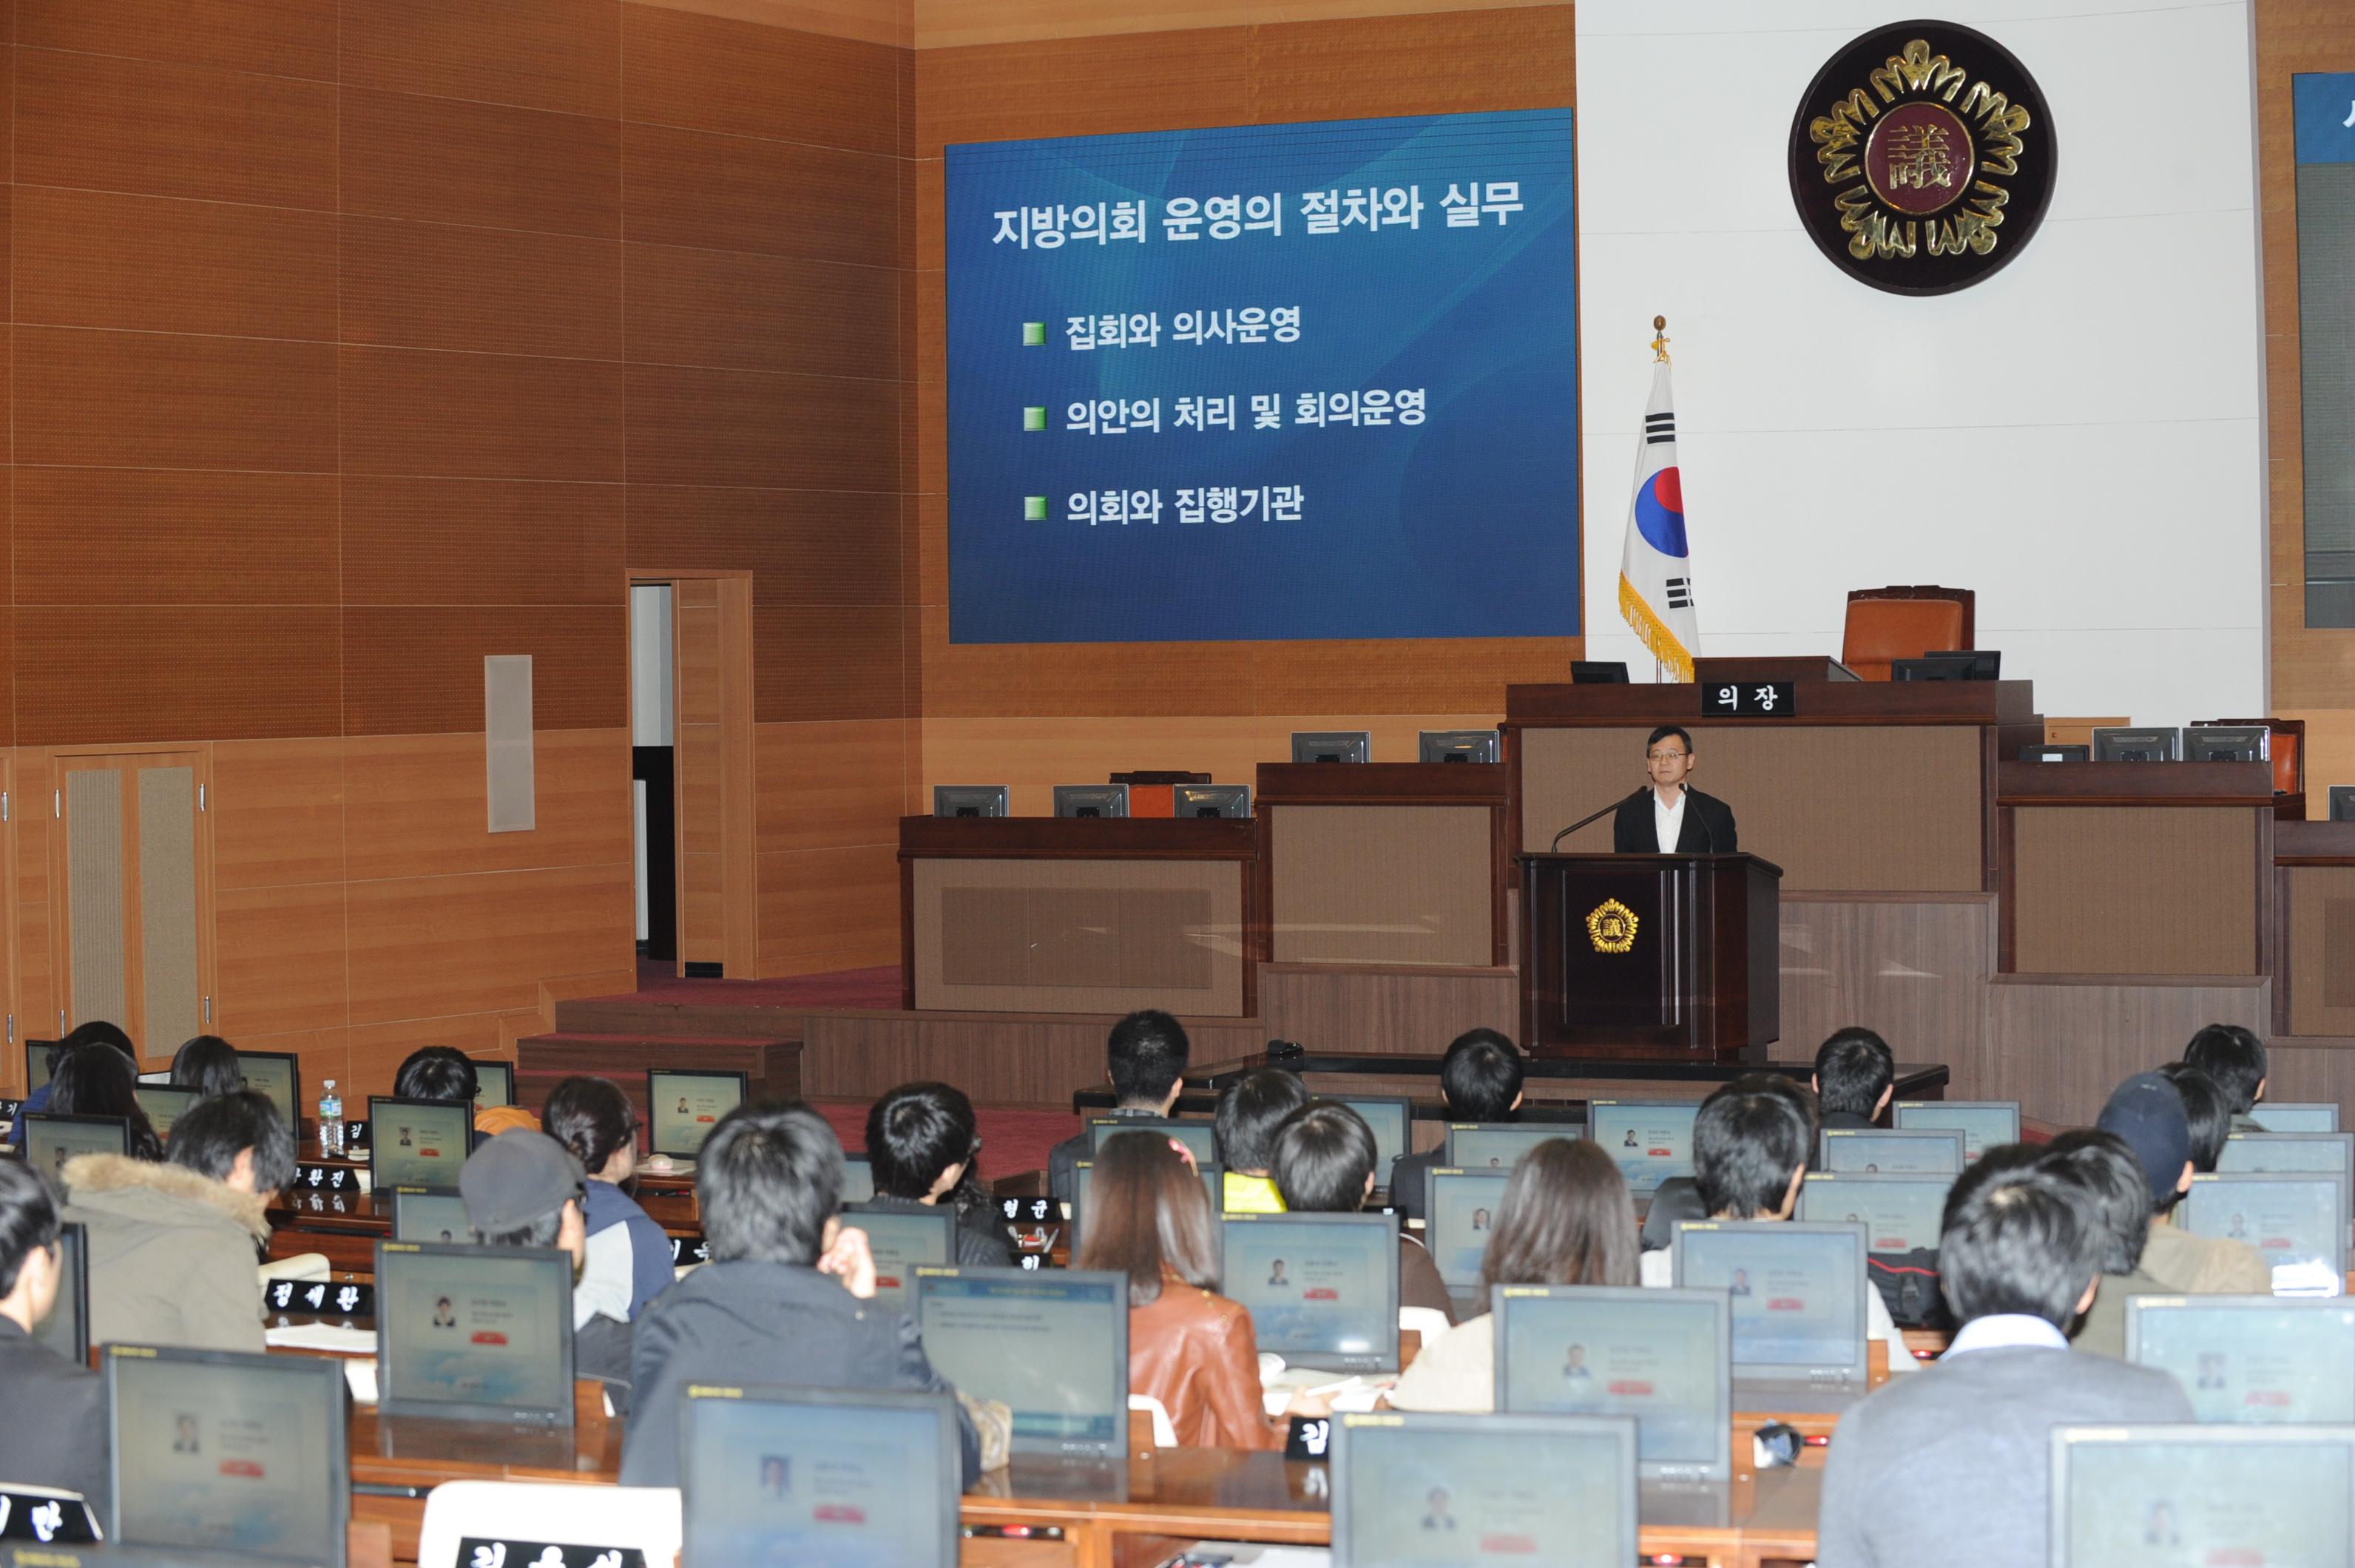 20111019 서울특별시의회 현장견학2